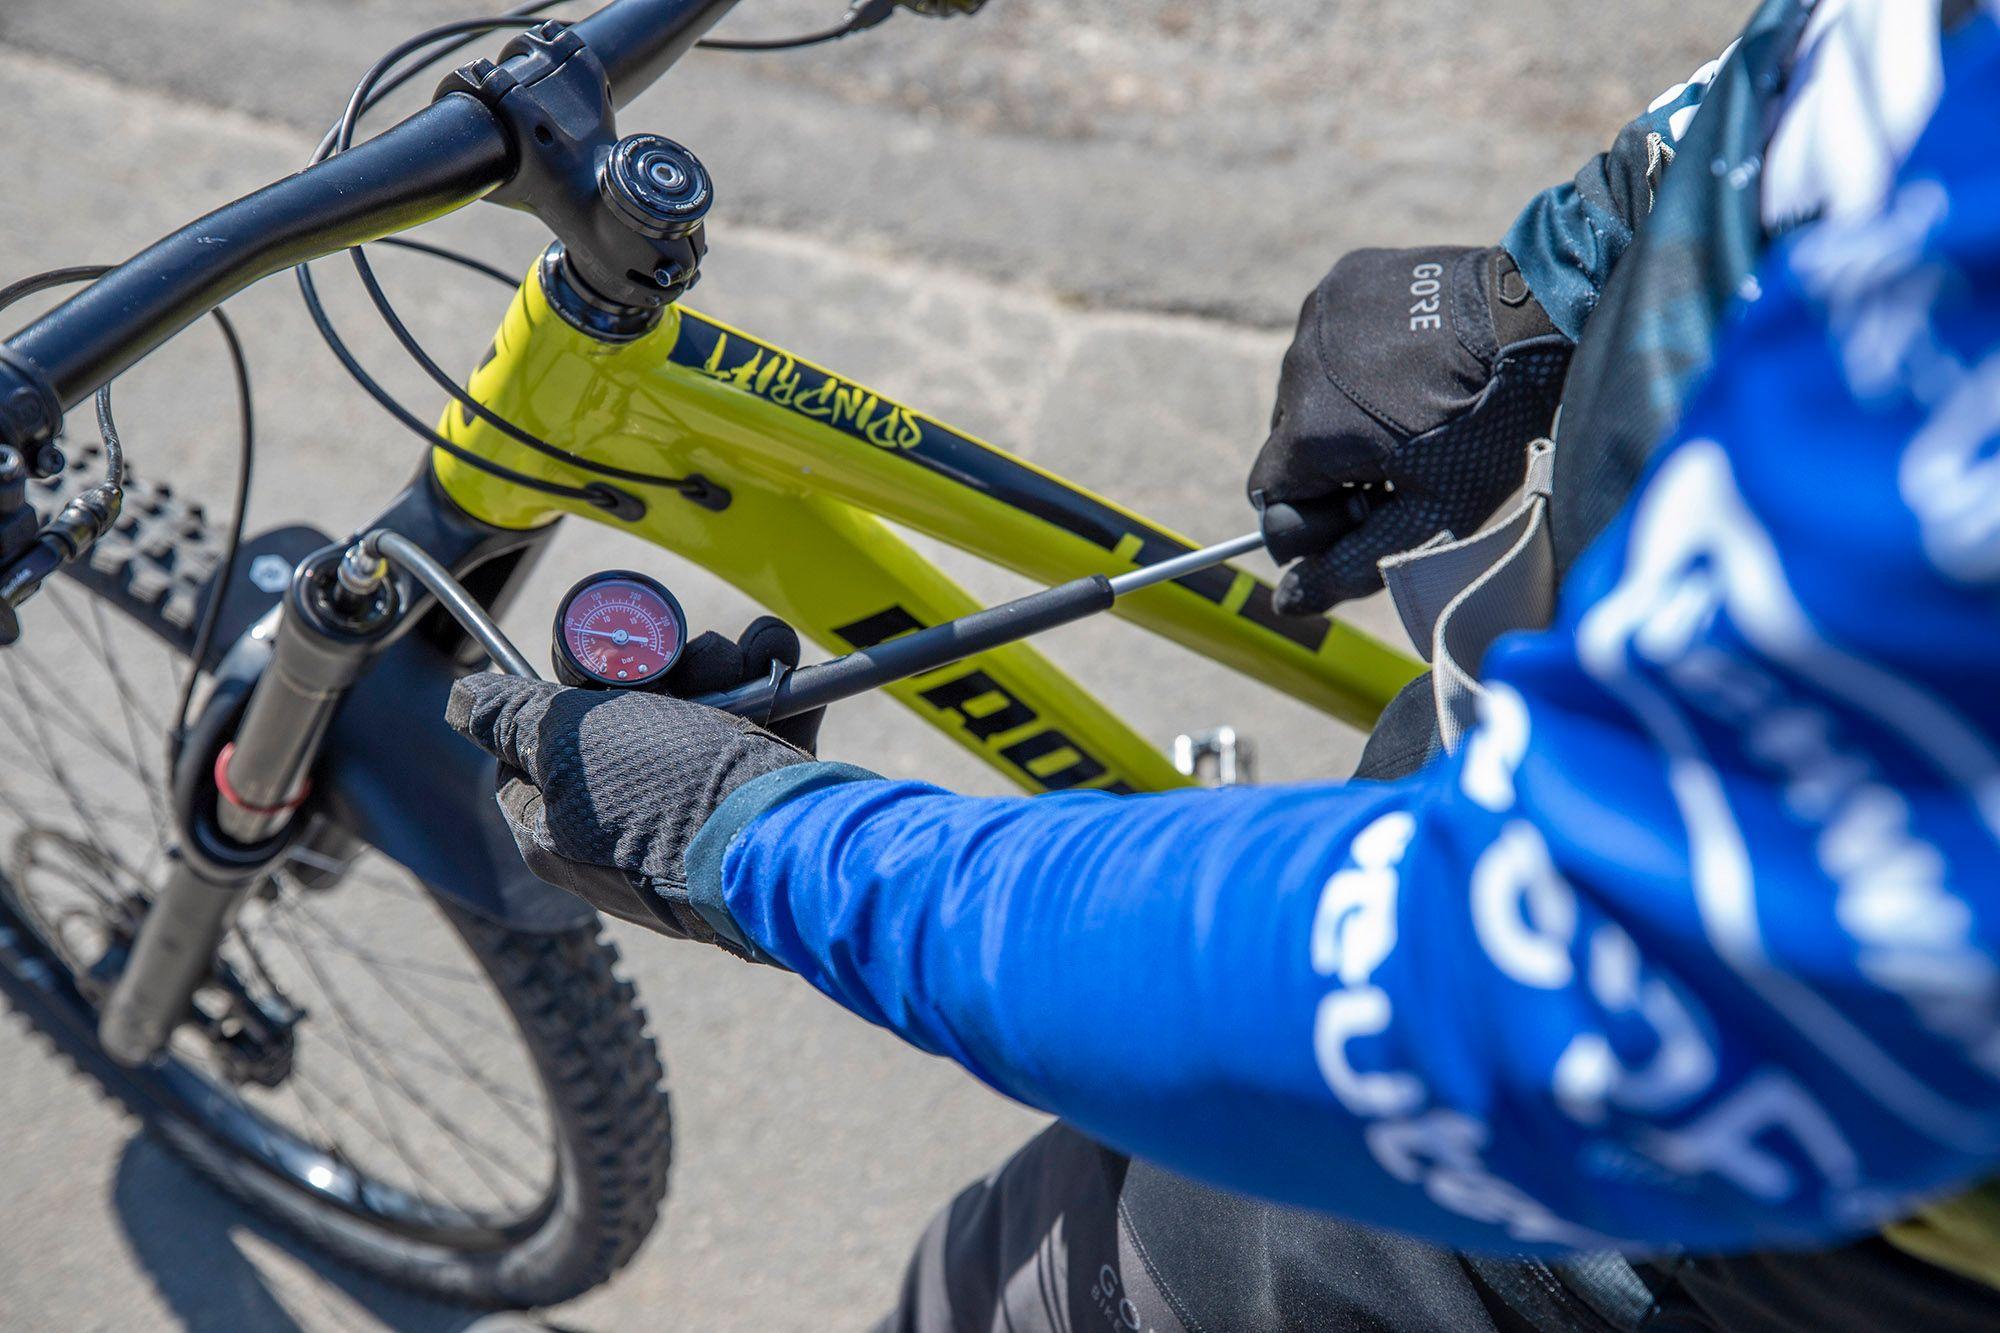 MTB Fahrtechnik Kurs Fortgeschrittene in Berlin - Hauptstadt - Mountainbike Fortgeschritten - Rock my Trail Bikeschule GmbH - 10